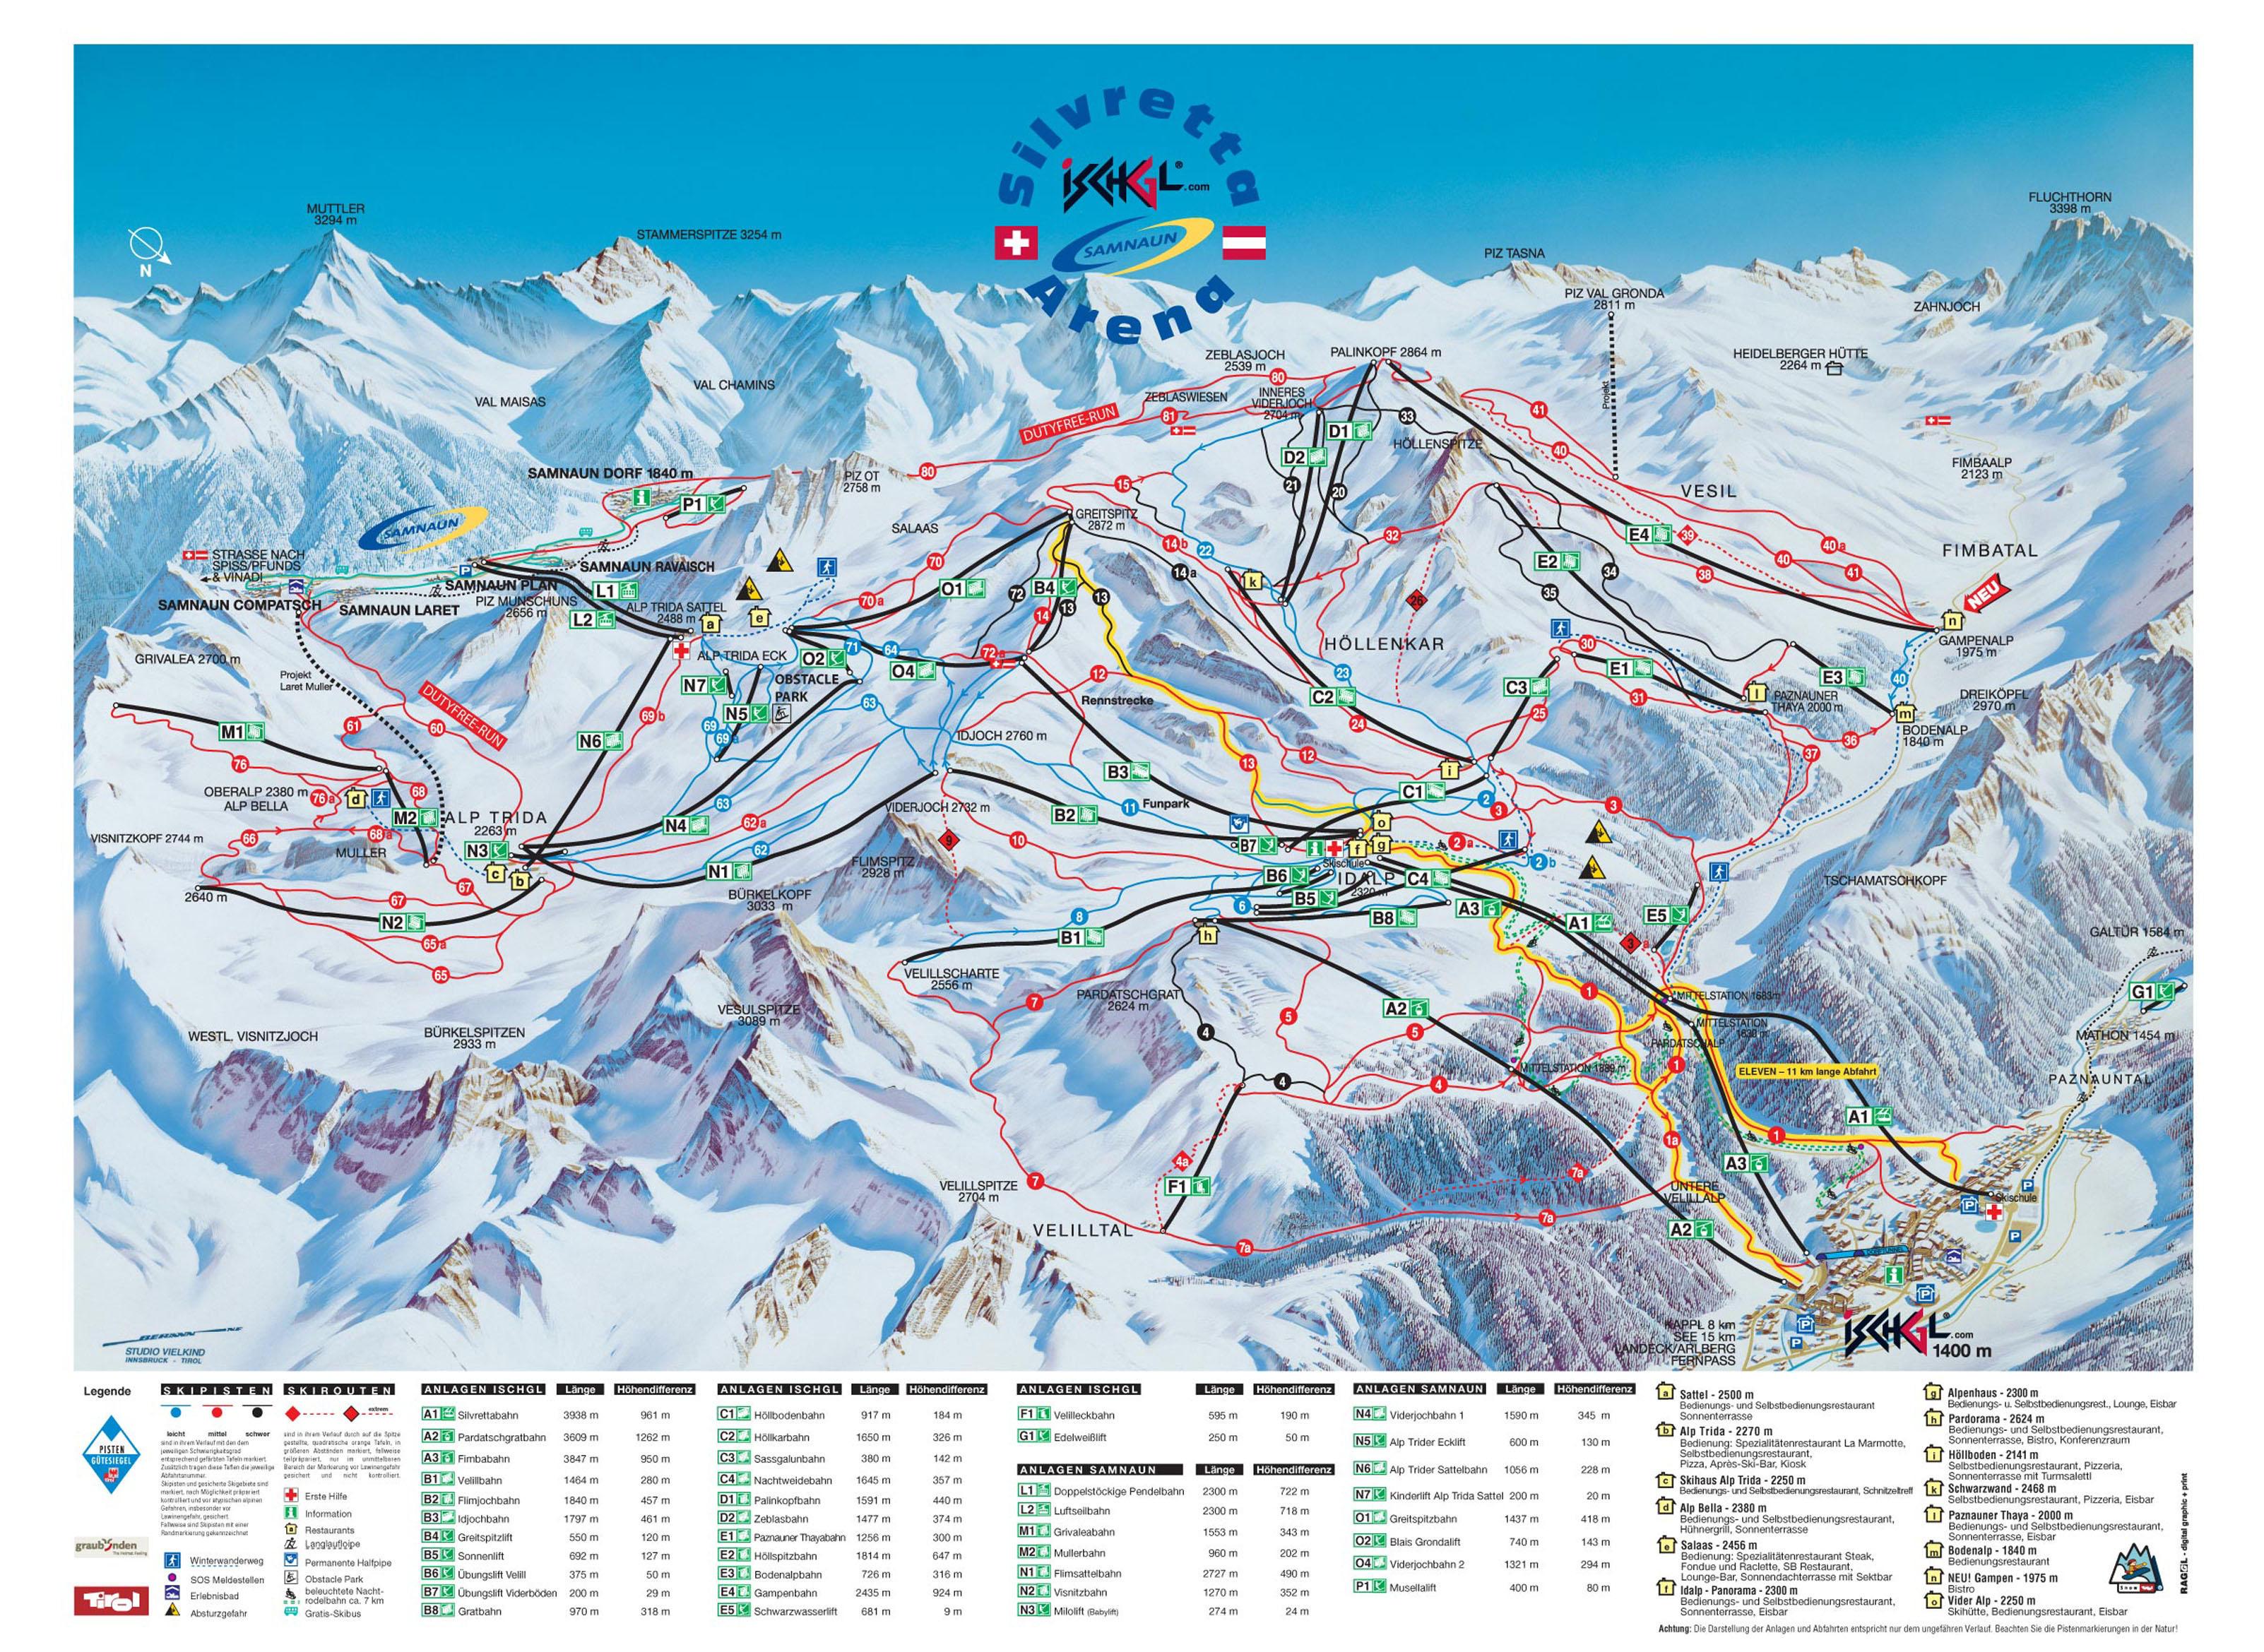 ПОЖИЗНЕННЫЙ СКИ-ПАСС НА ВСЕ КУРОРТЫ МИРА для ski-kuba